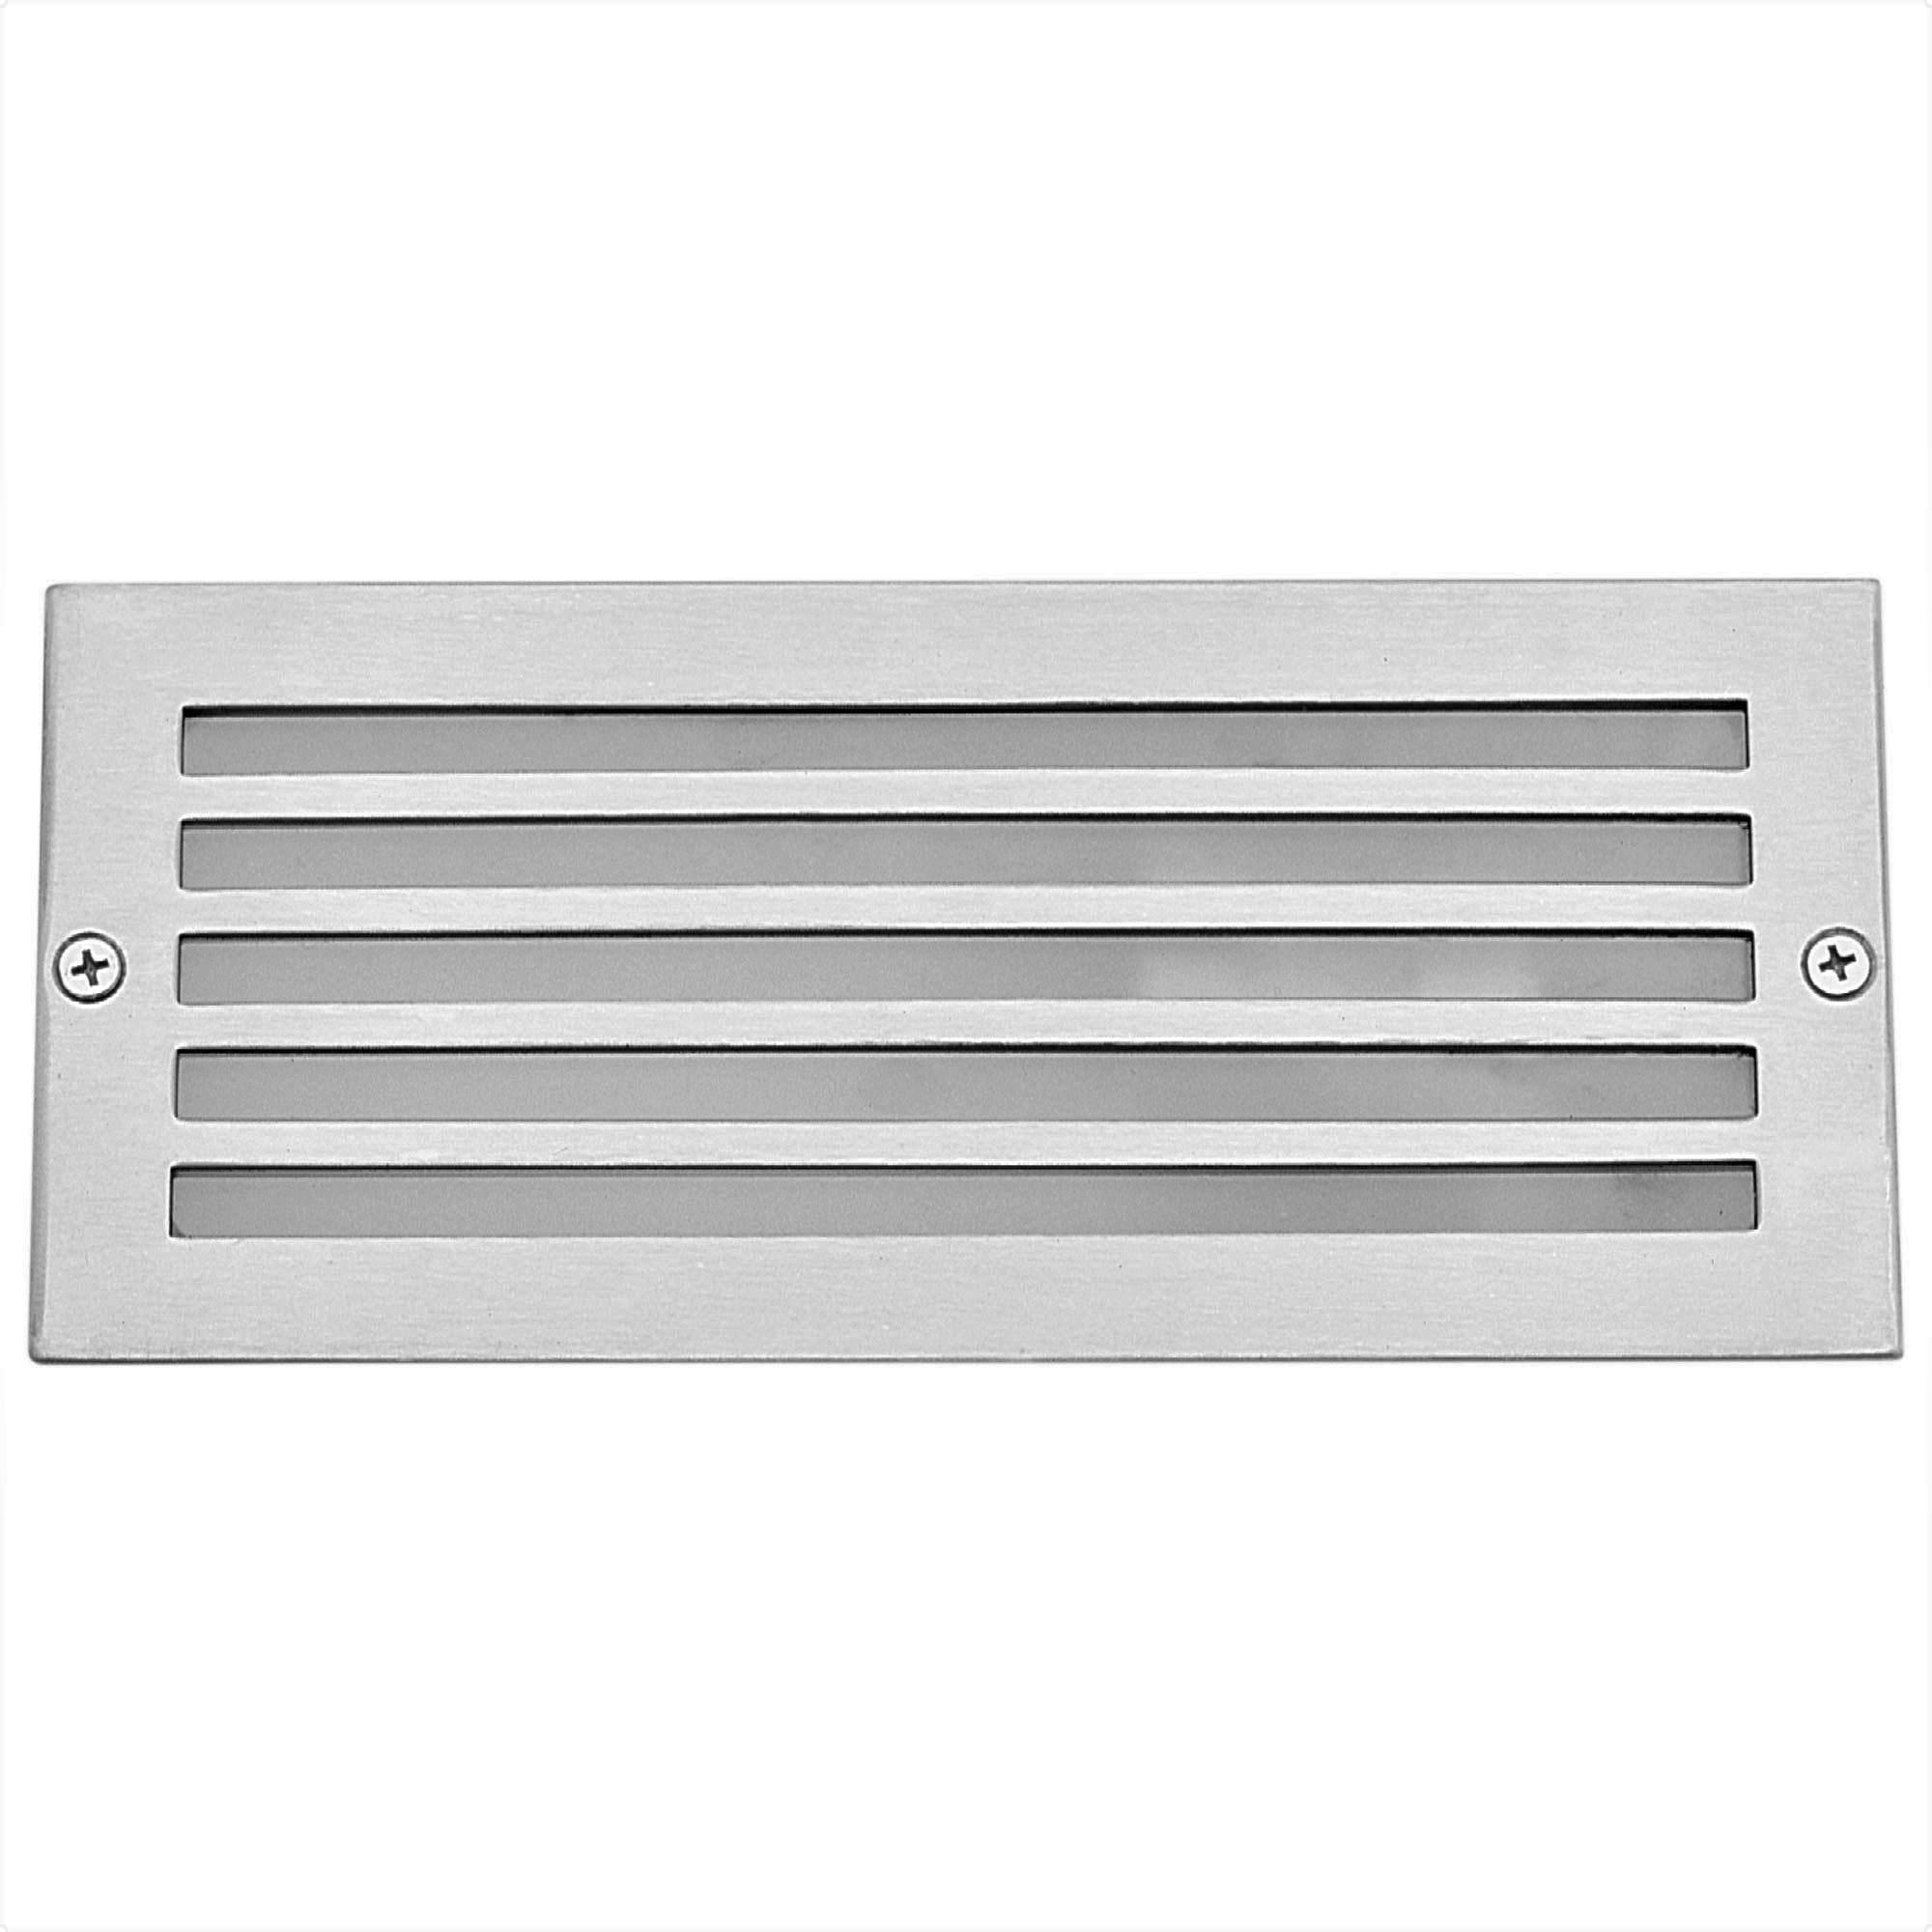 Rodney IP54 Indoor / Outdoor Recessed Brick Light